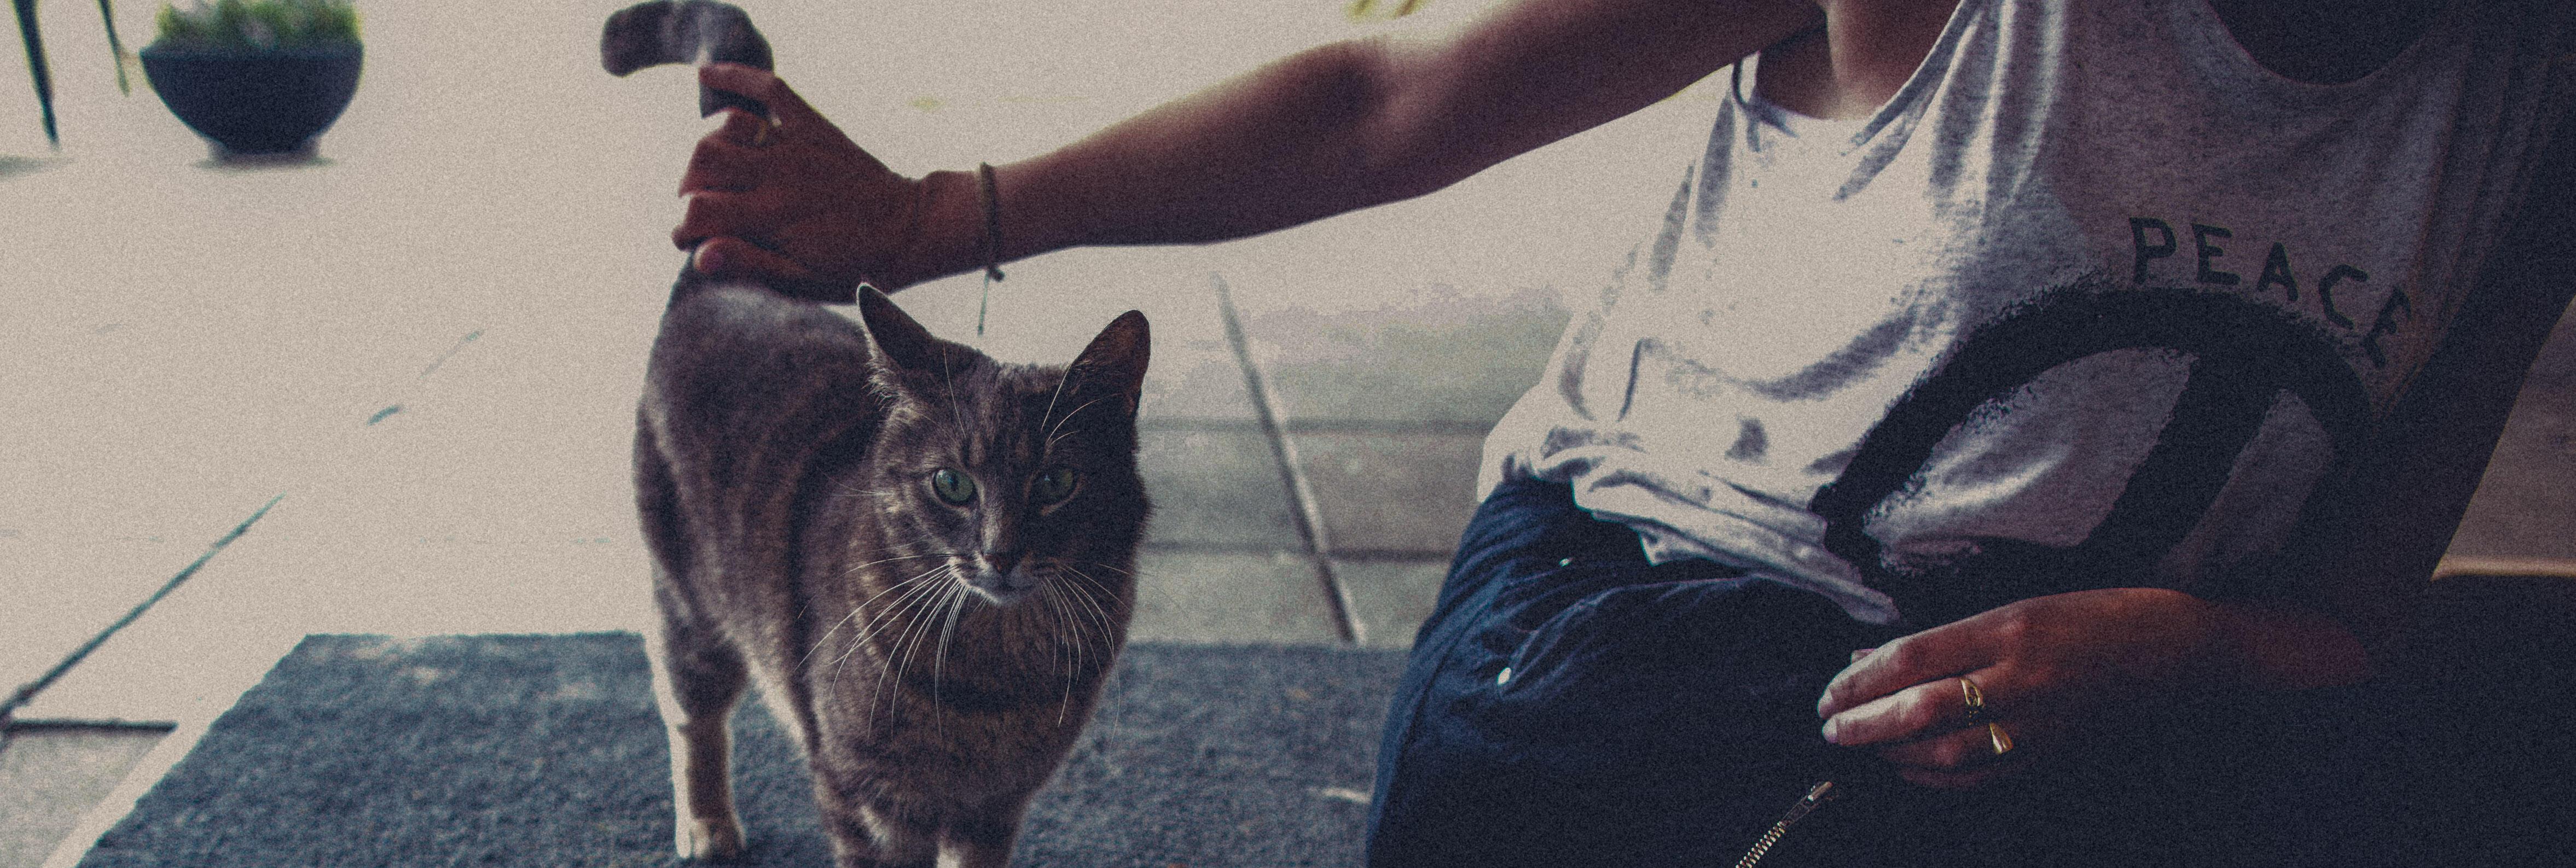 Kvinne som klapper katt.